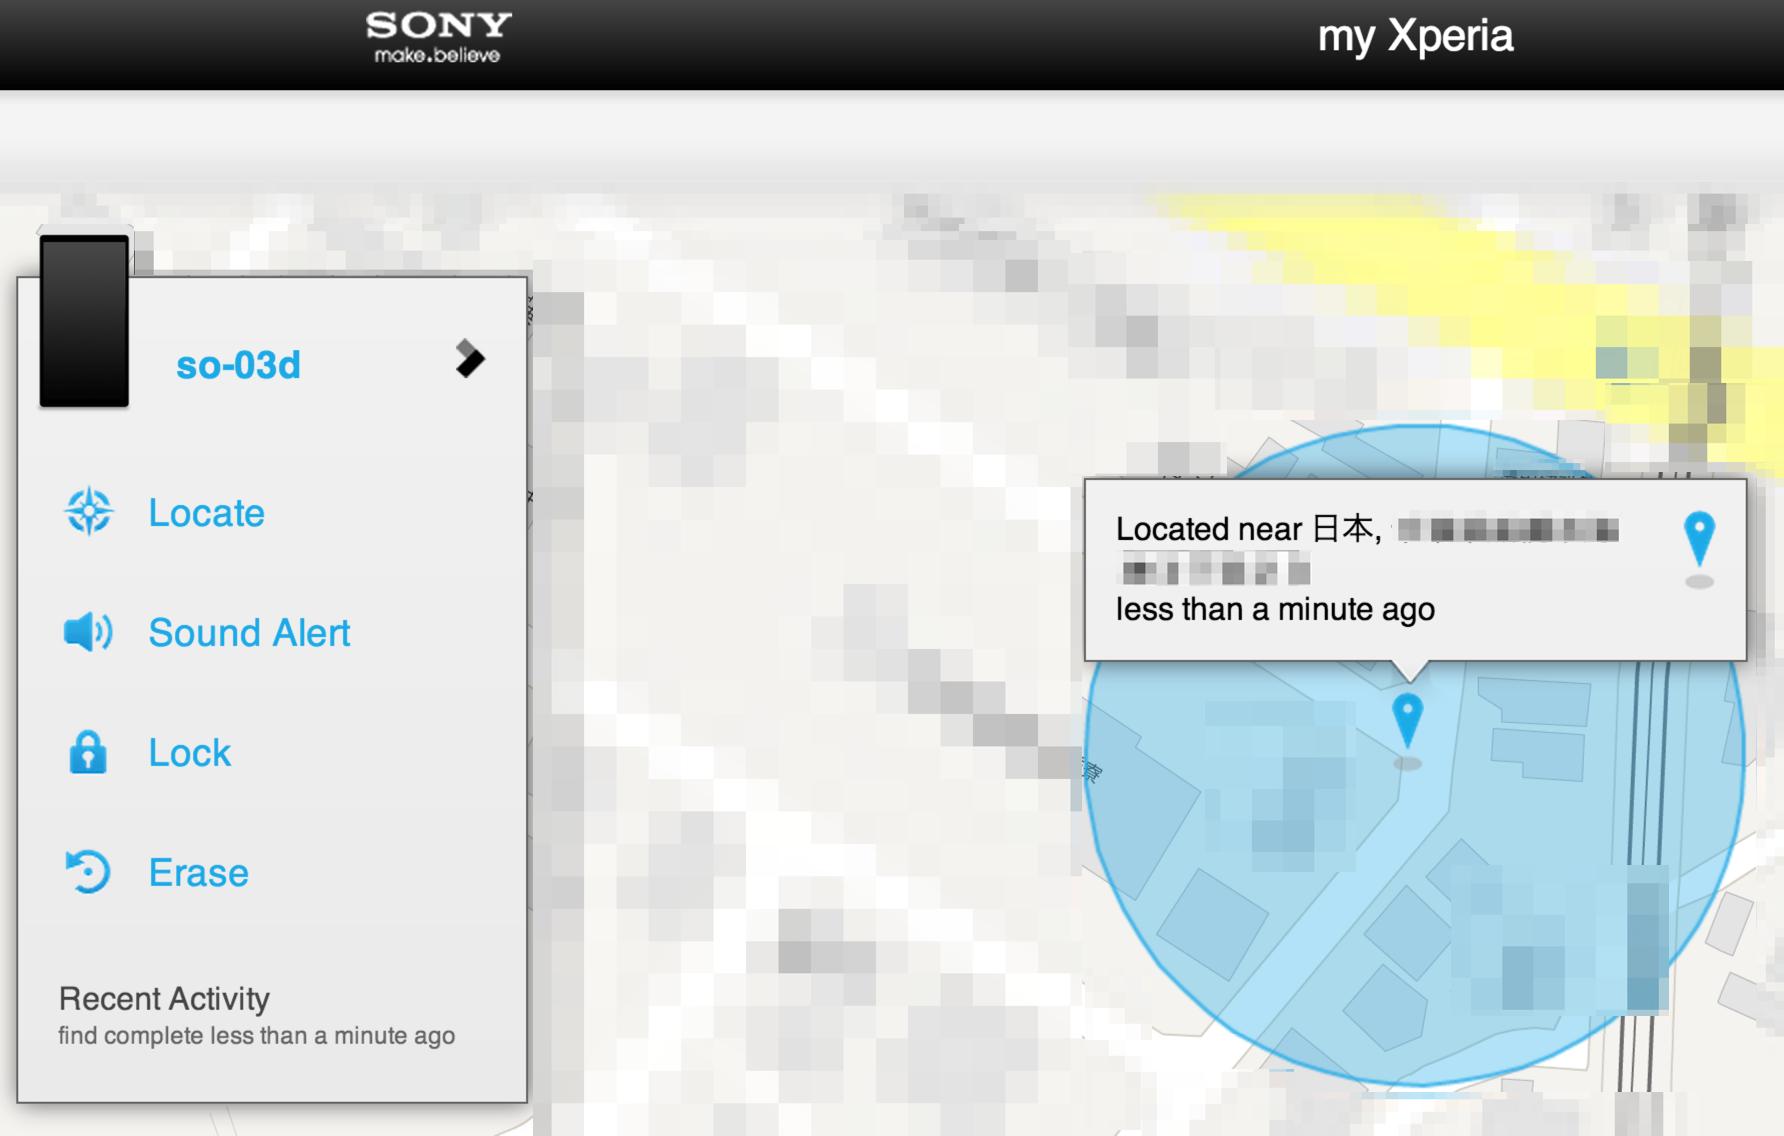 紛失したXperiaを探し出せる「my Xperia」が正式提供へ!